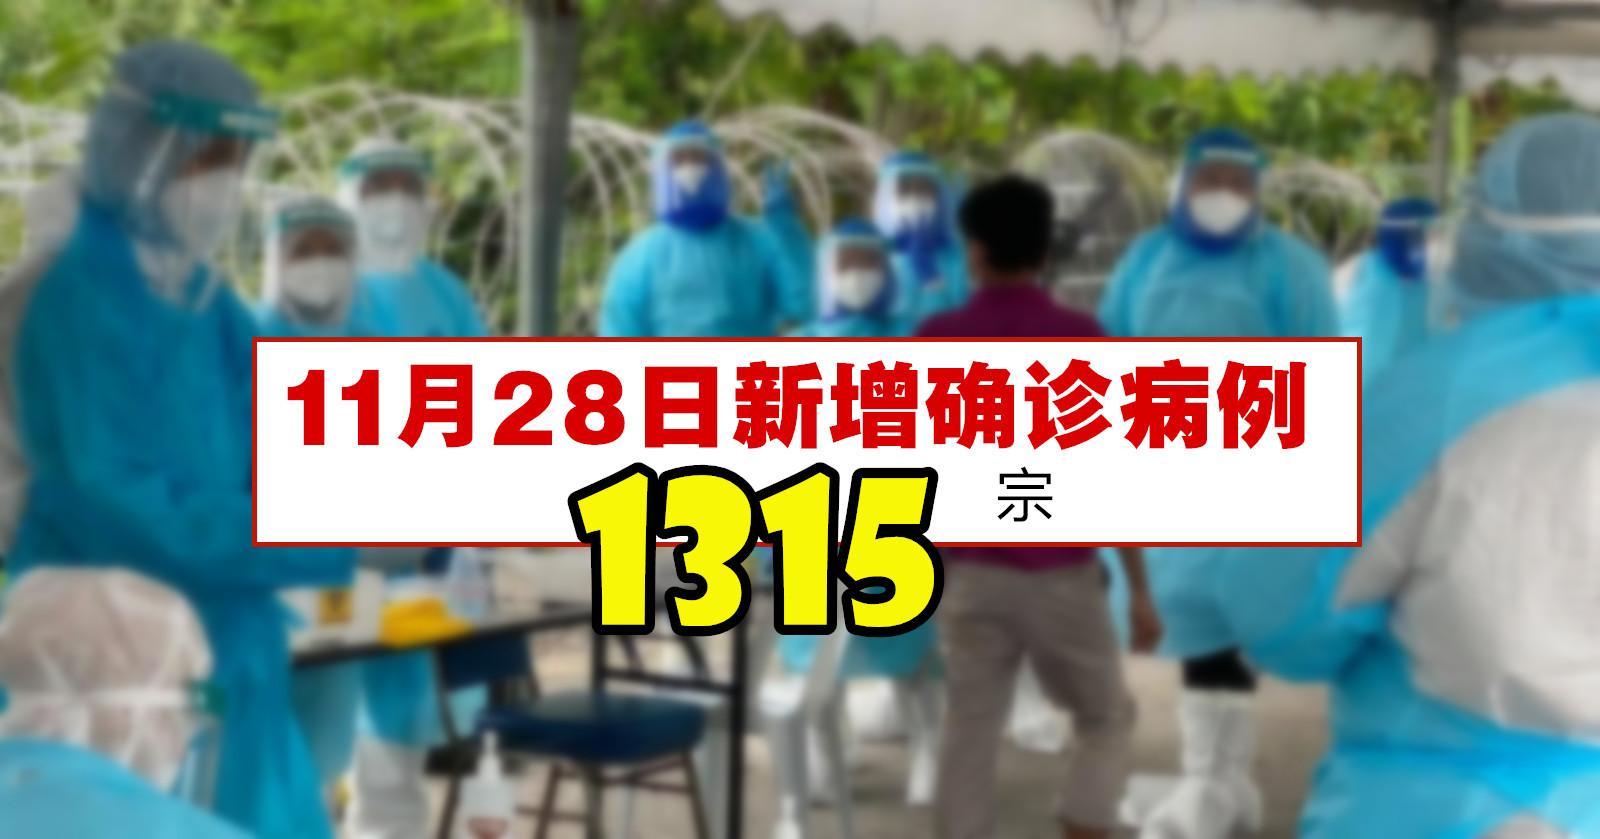 11月28日新增确诊病例